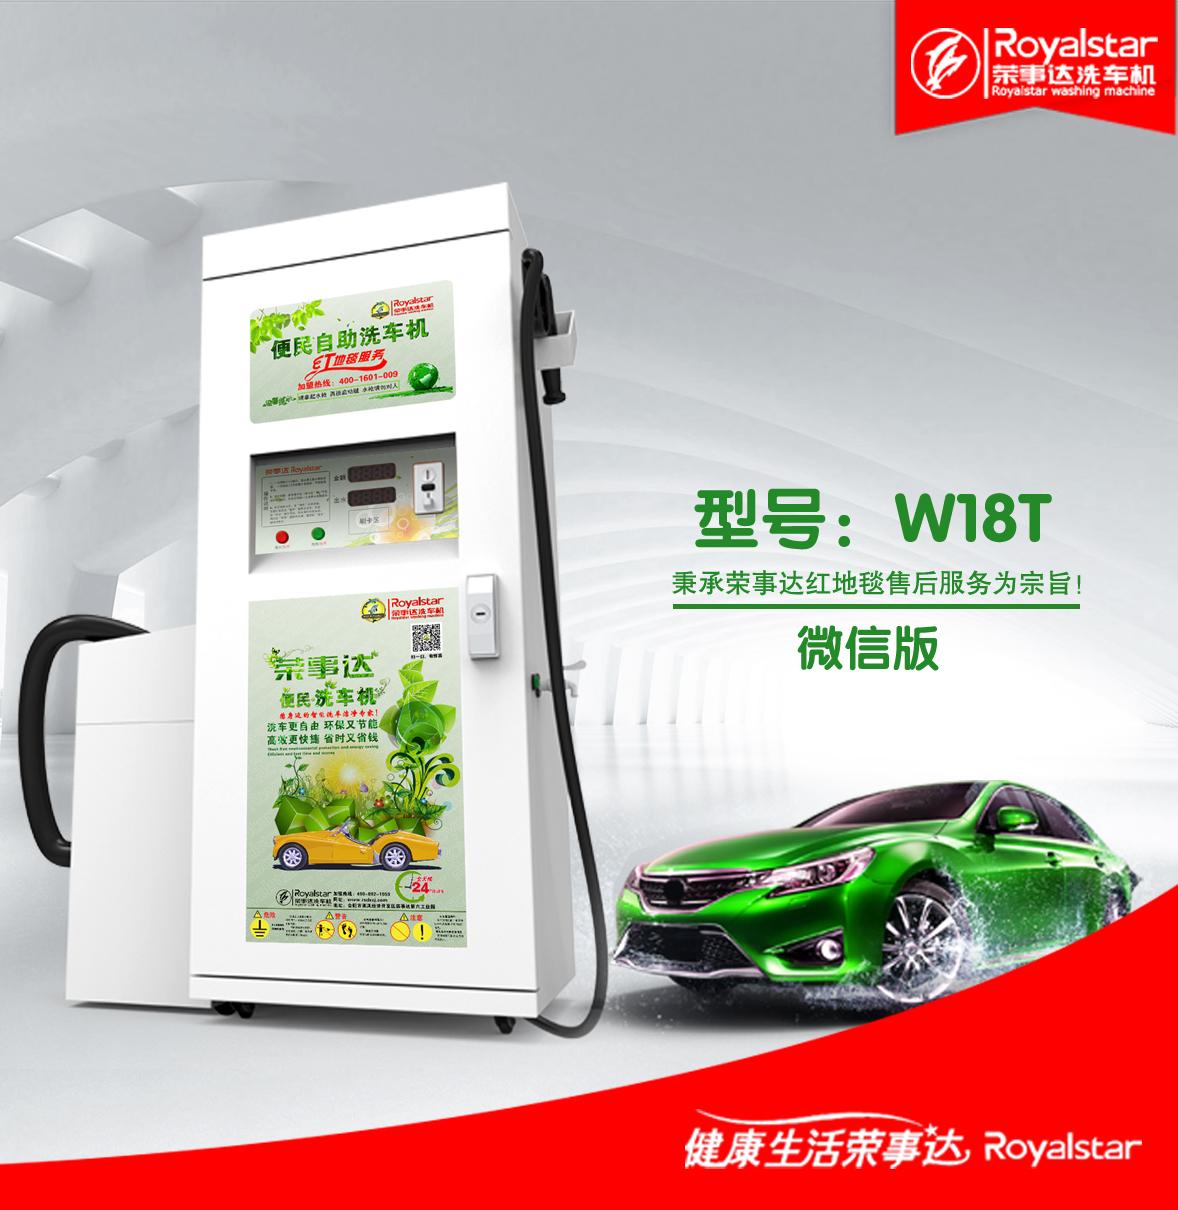 荣事达自助洗车机,开启低碳生活环境-- 合肥荣尚电子电器有限责任公司